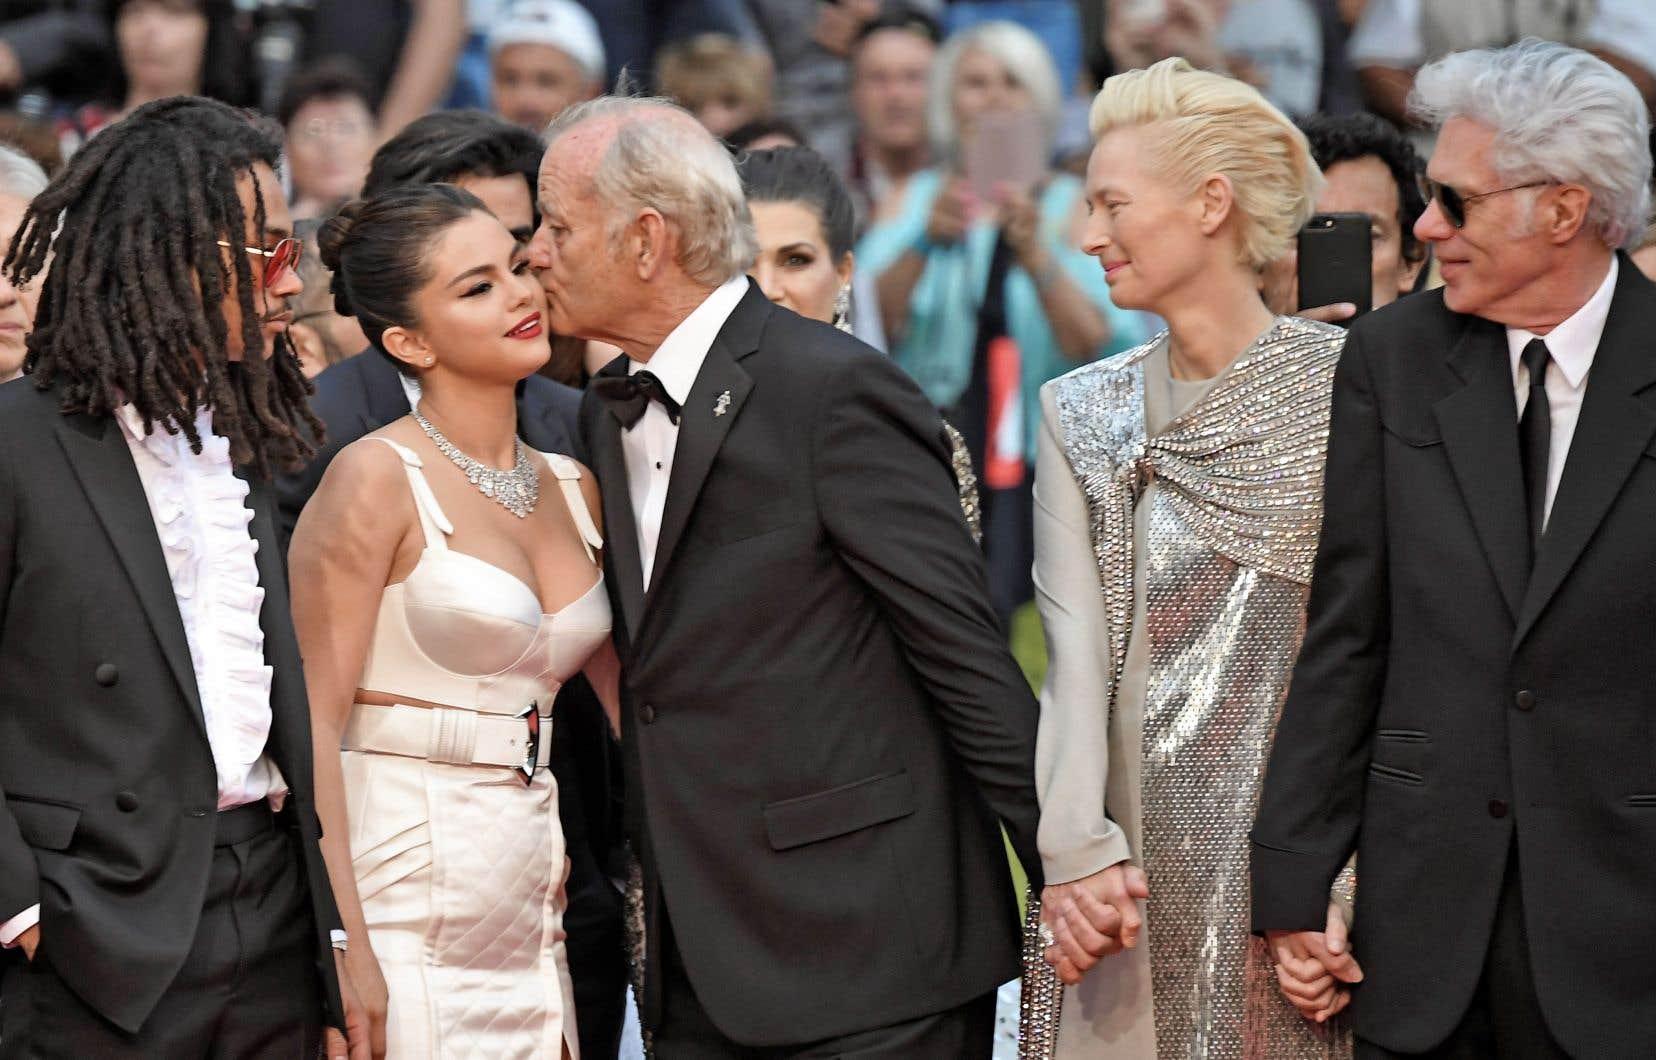 Les acteurs Luka Sabbat, Selena Gomez, Bill Murray et Tilda Swinton, avec le réalisateur Jim Jarmusch, à leur arrivée pour la projetction de «The Dead Don't Die».